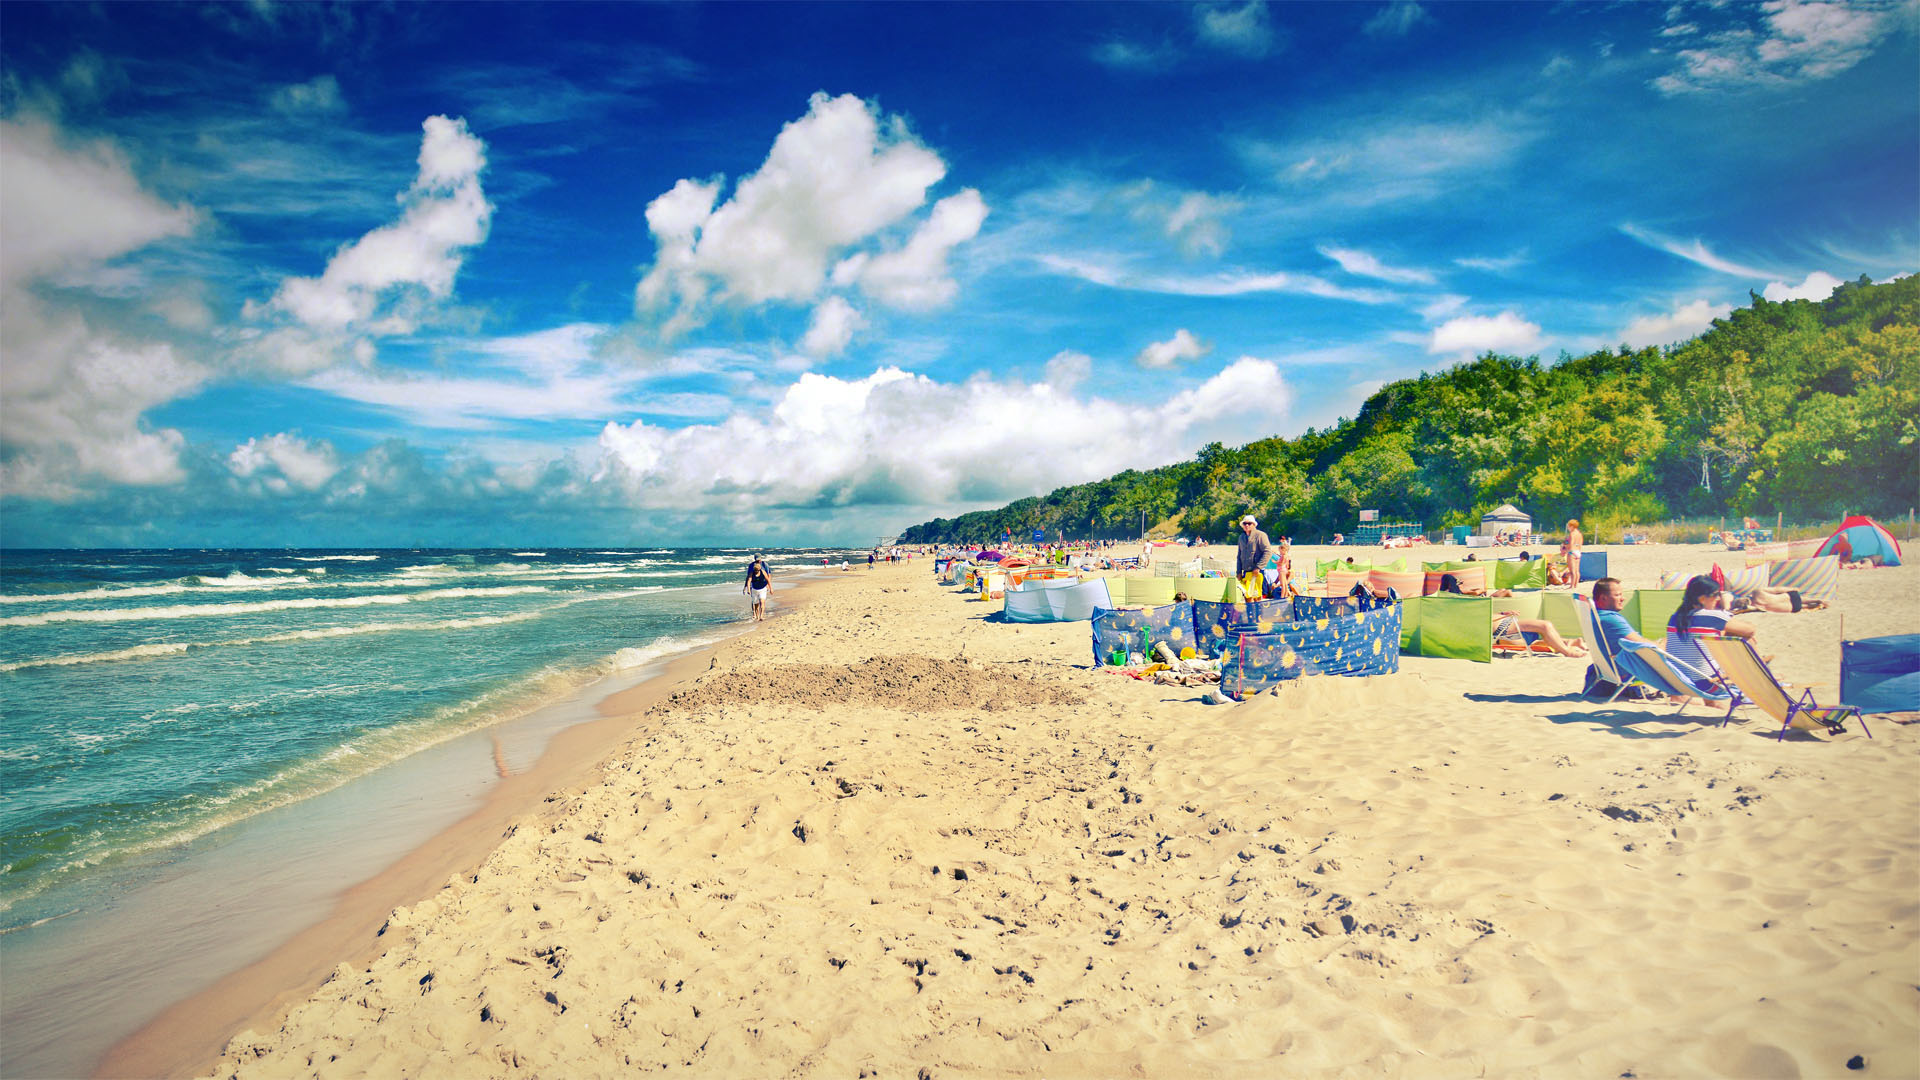 Plaża w Pustkowie, na piasku opalający się turyści.